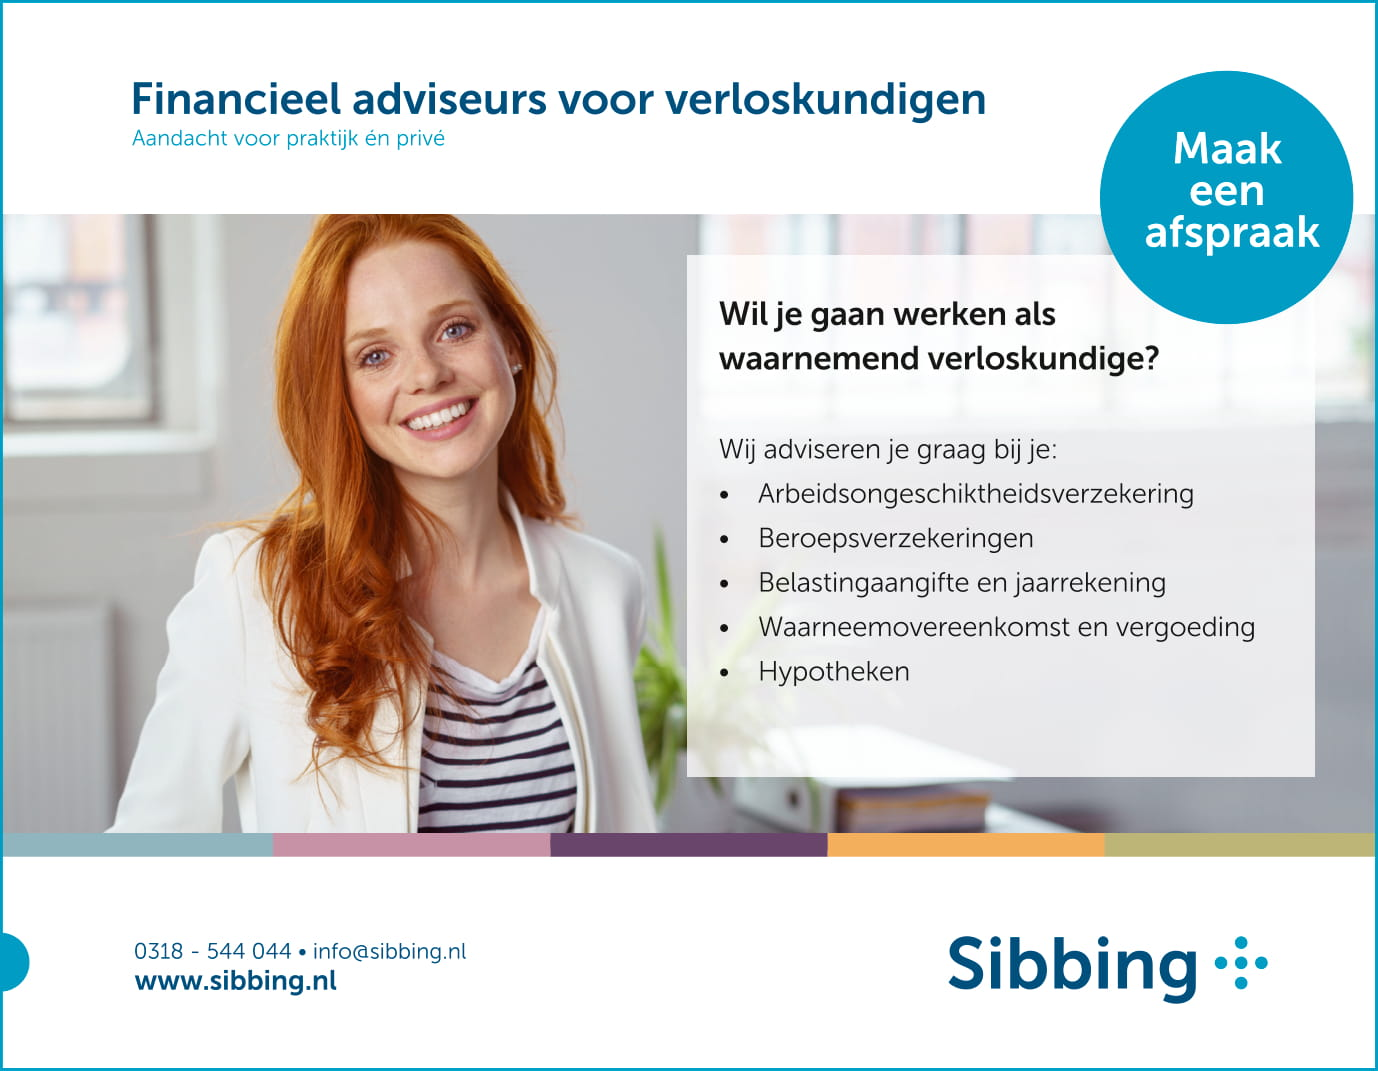 SIBBING_Advertentie_Verloskundigen_Financieel_Adviseurs_040520_175x136mm-1.jpg